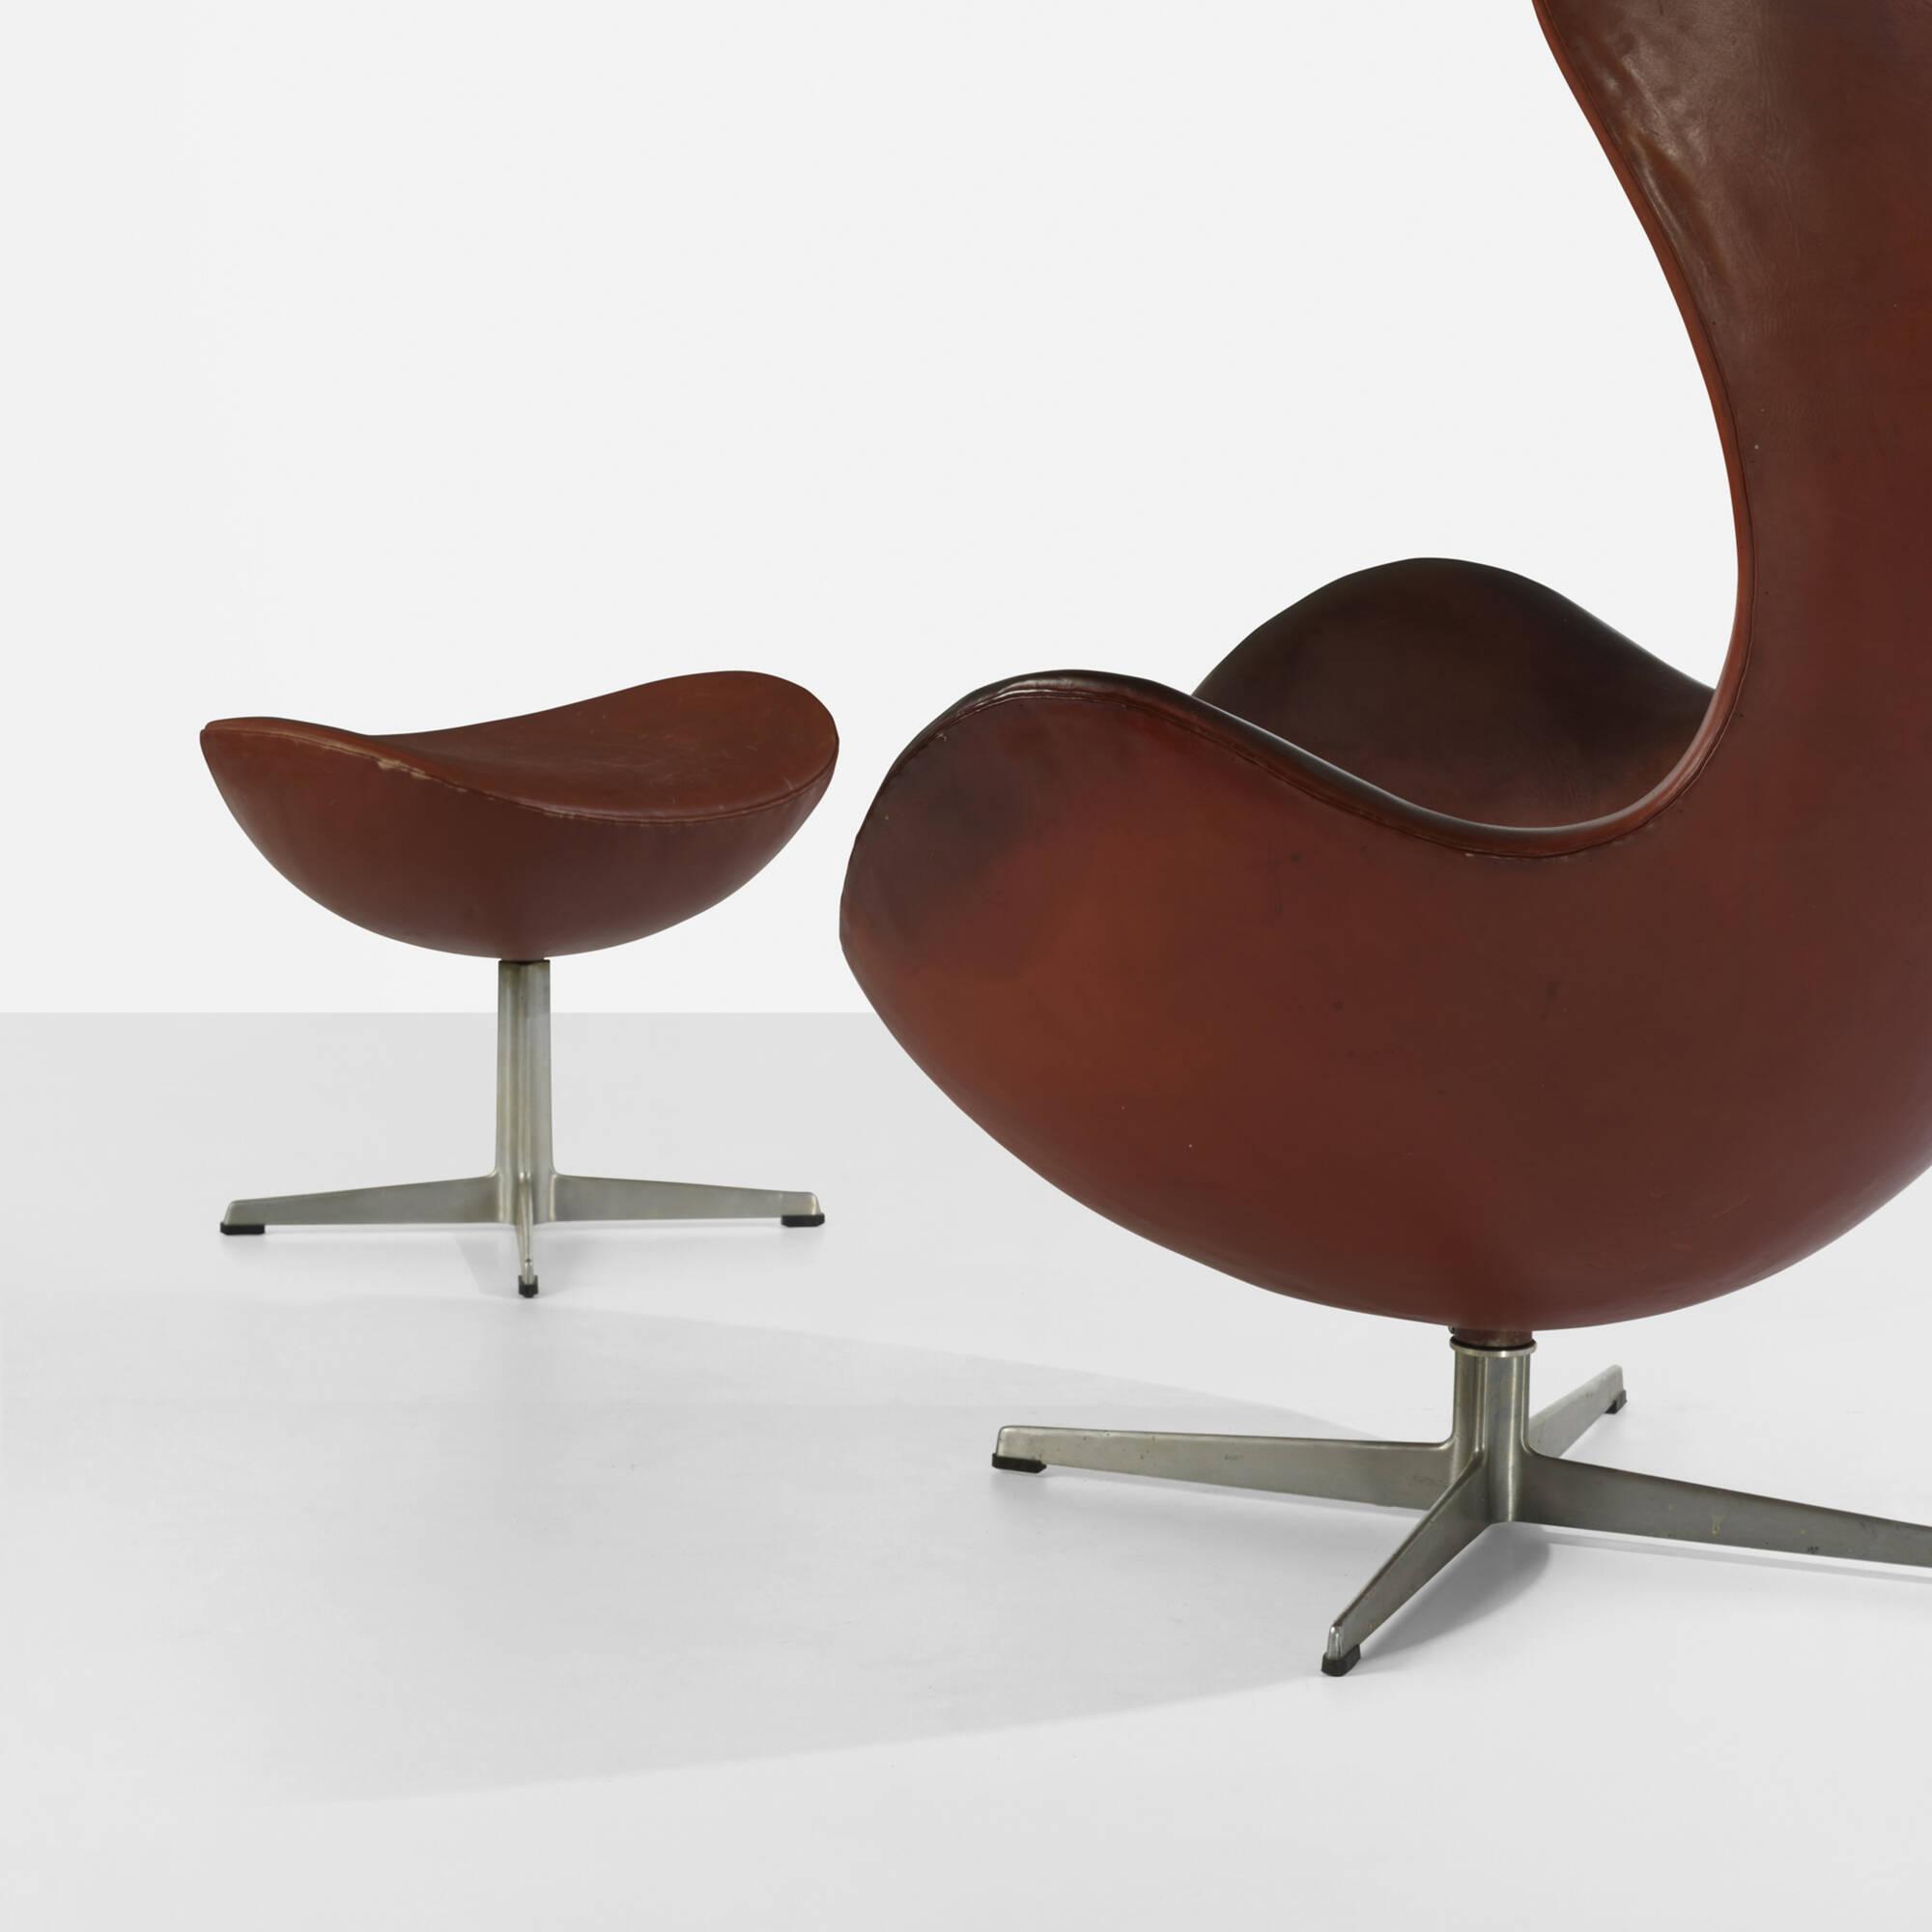 189 Arne Jacobsen Egg Chair And Ottoman Scandinavian Design 17